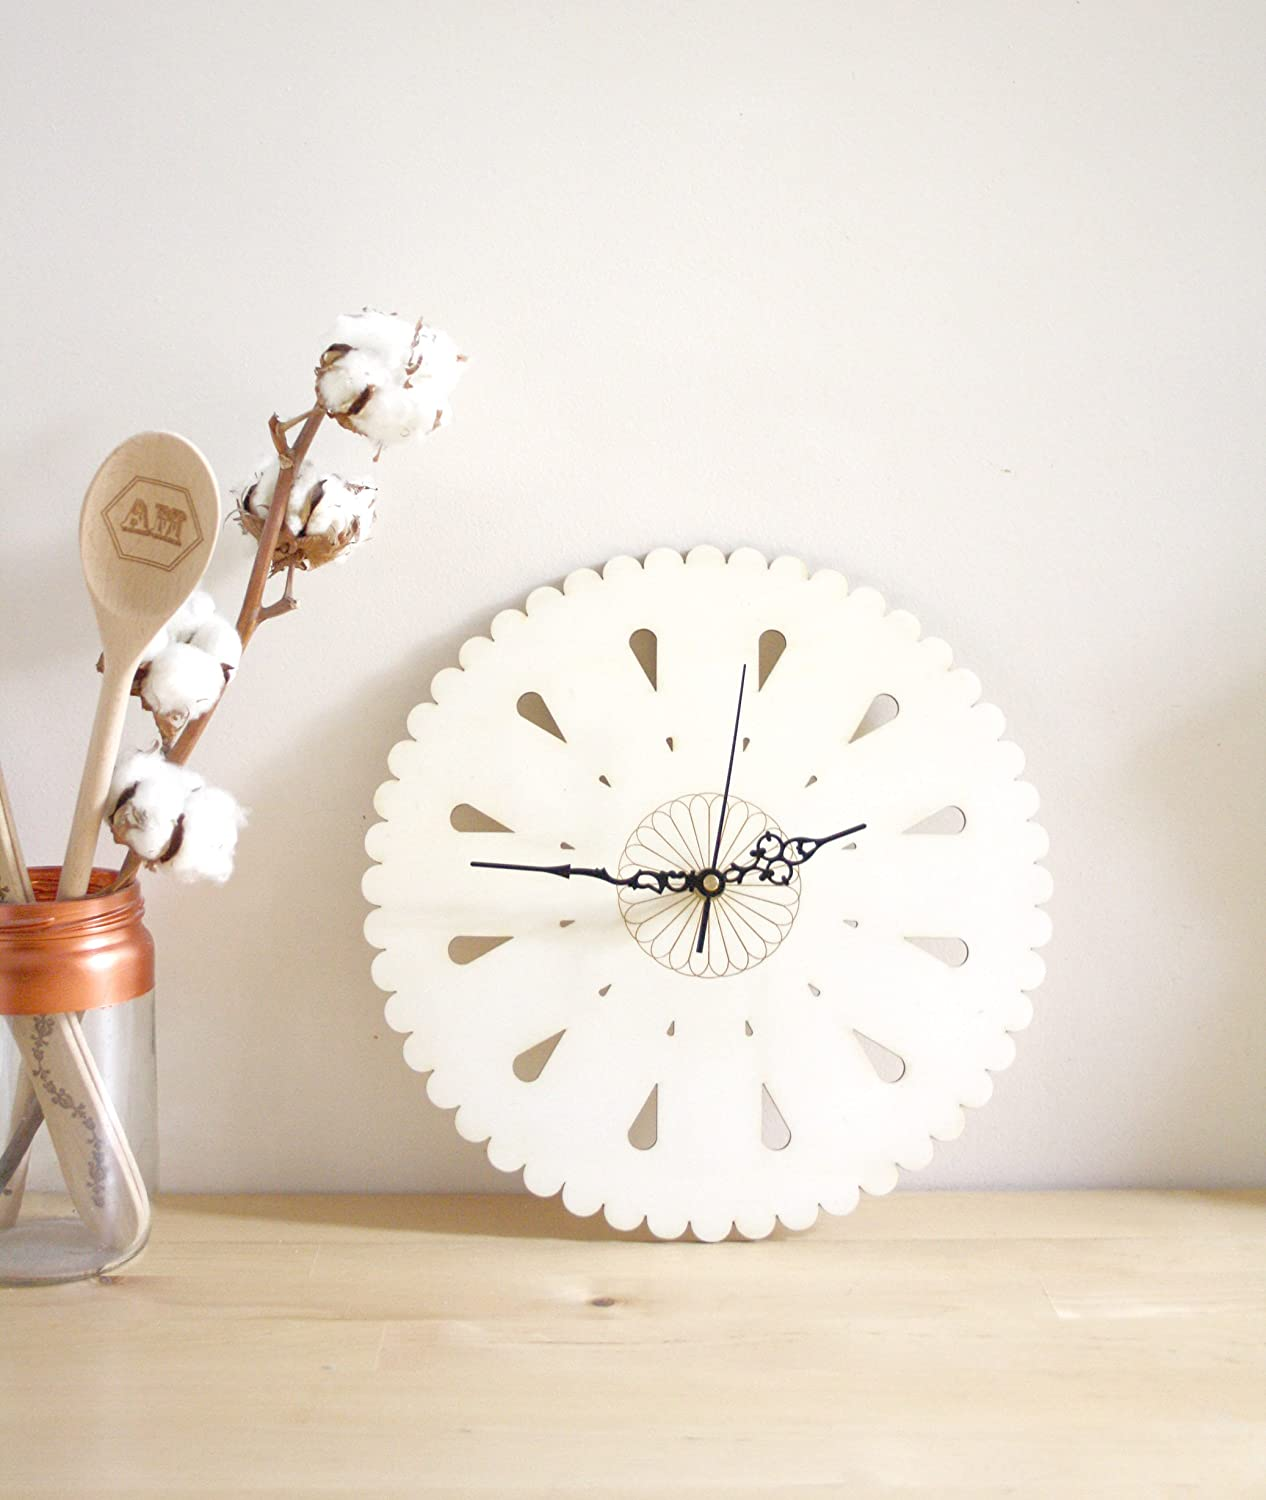 pendules achat en ligne de v tements chaussures bijoux. Black Bedroom Furniture Sets. Home Design Ideas